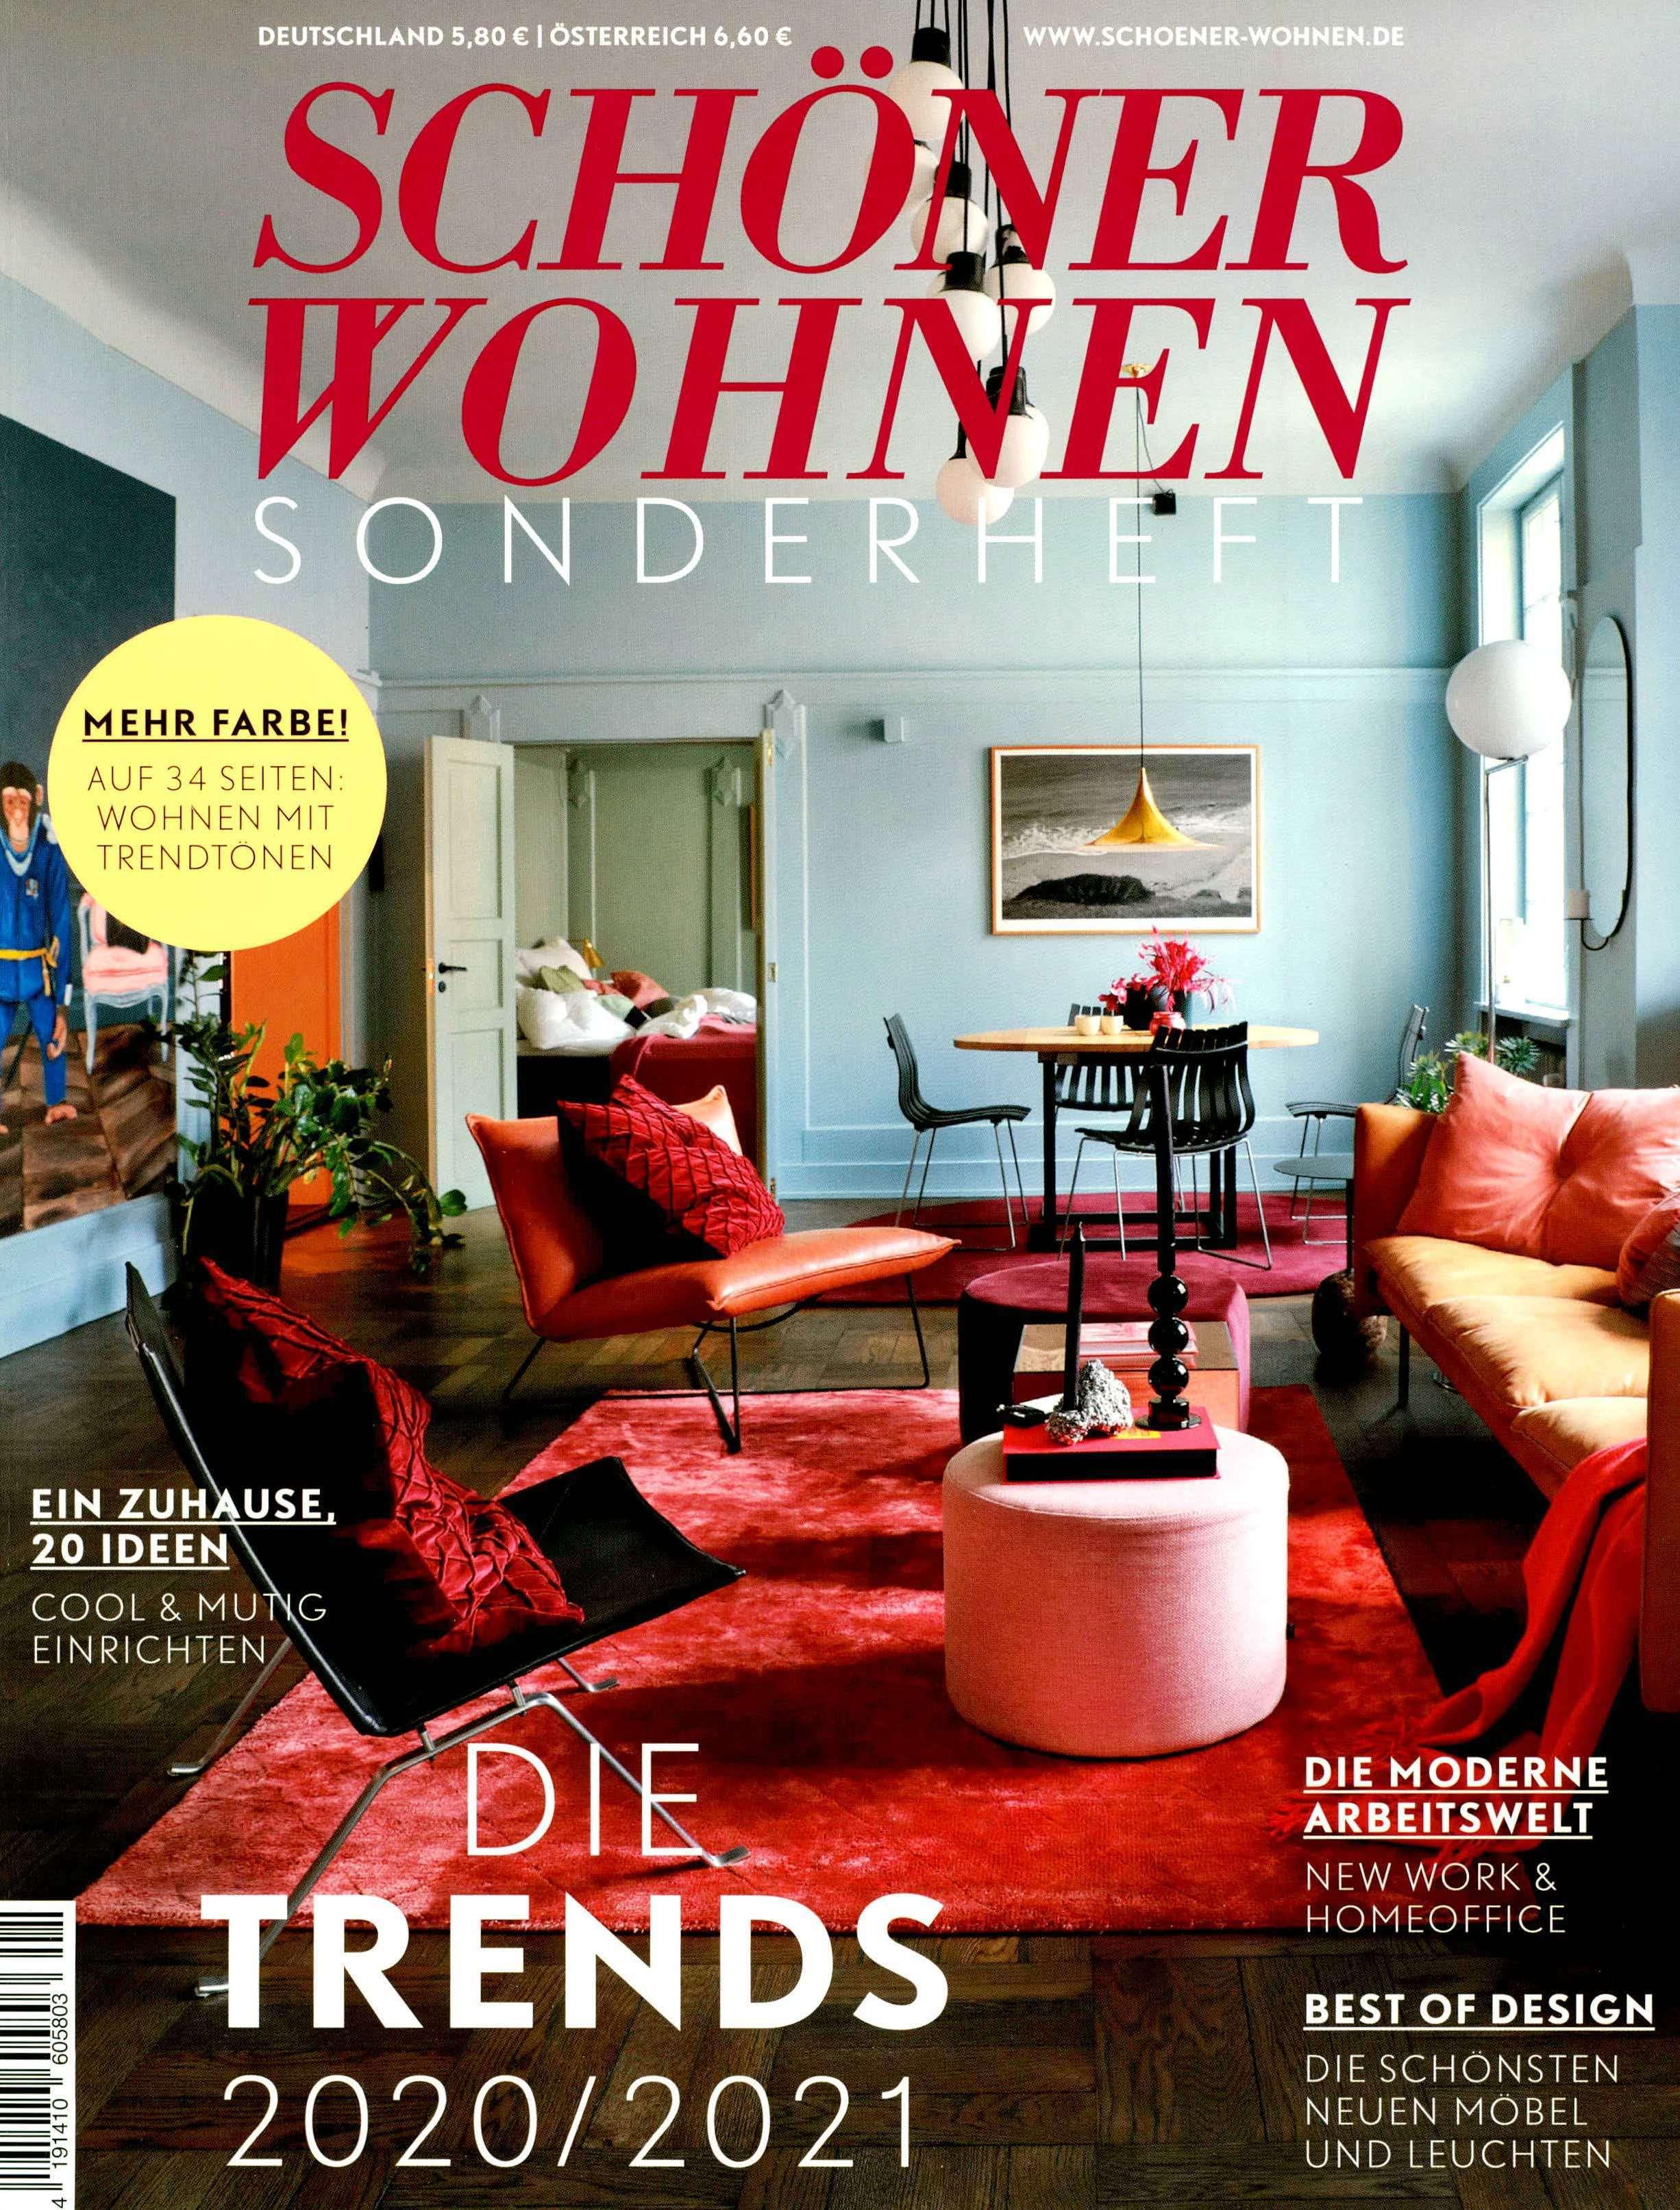 2020.11.01 – Schoner Wohnen DE – Sonderheft – cover